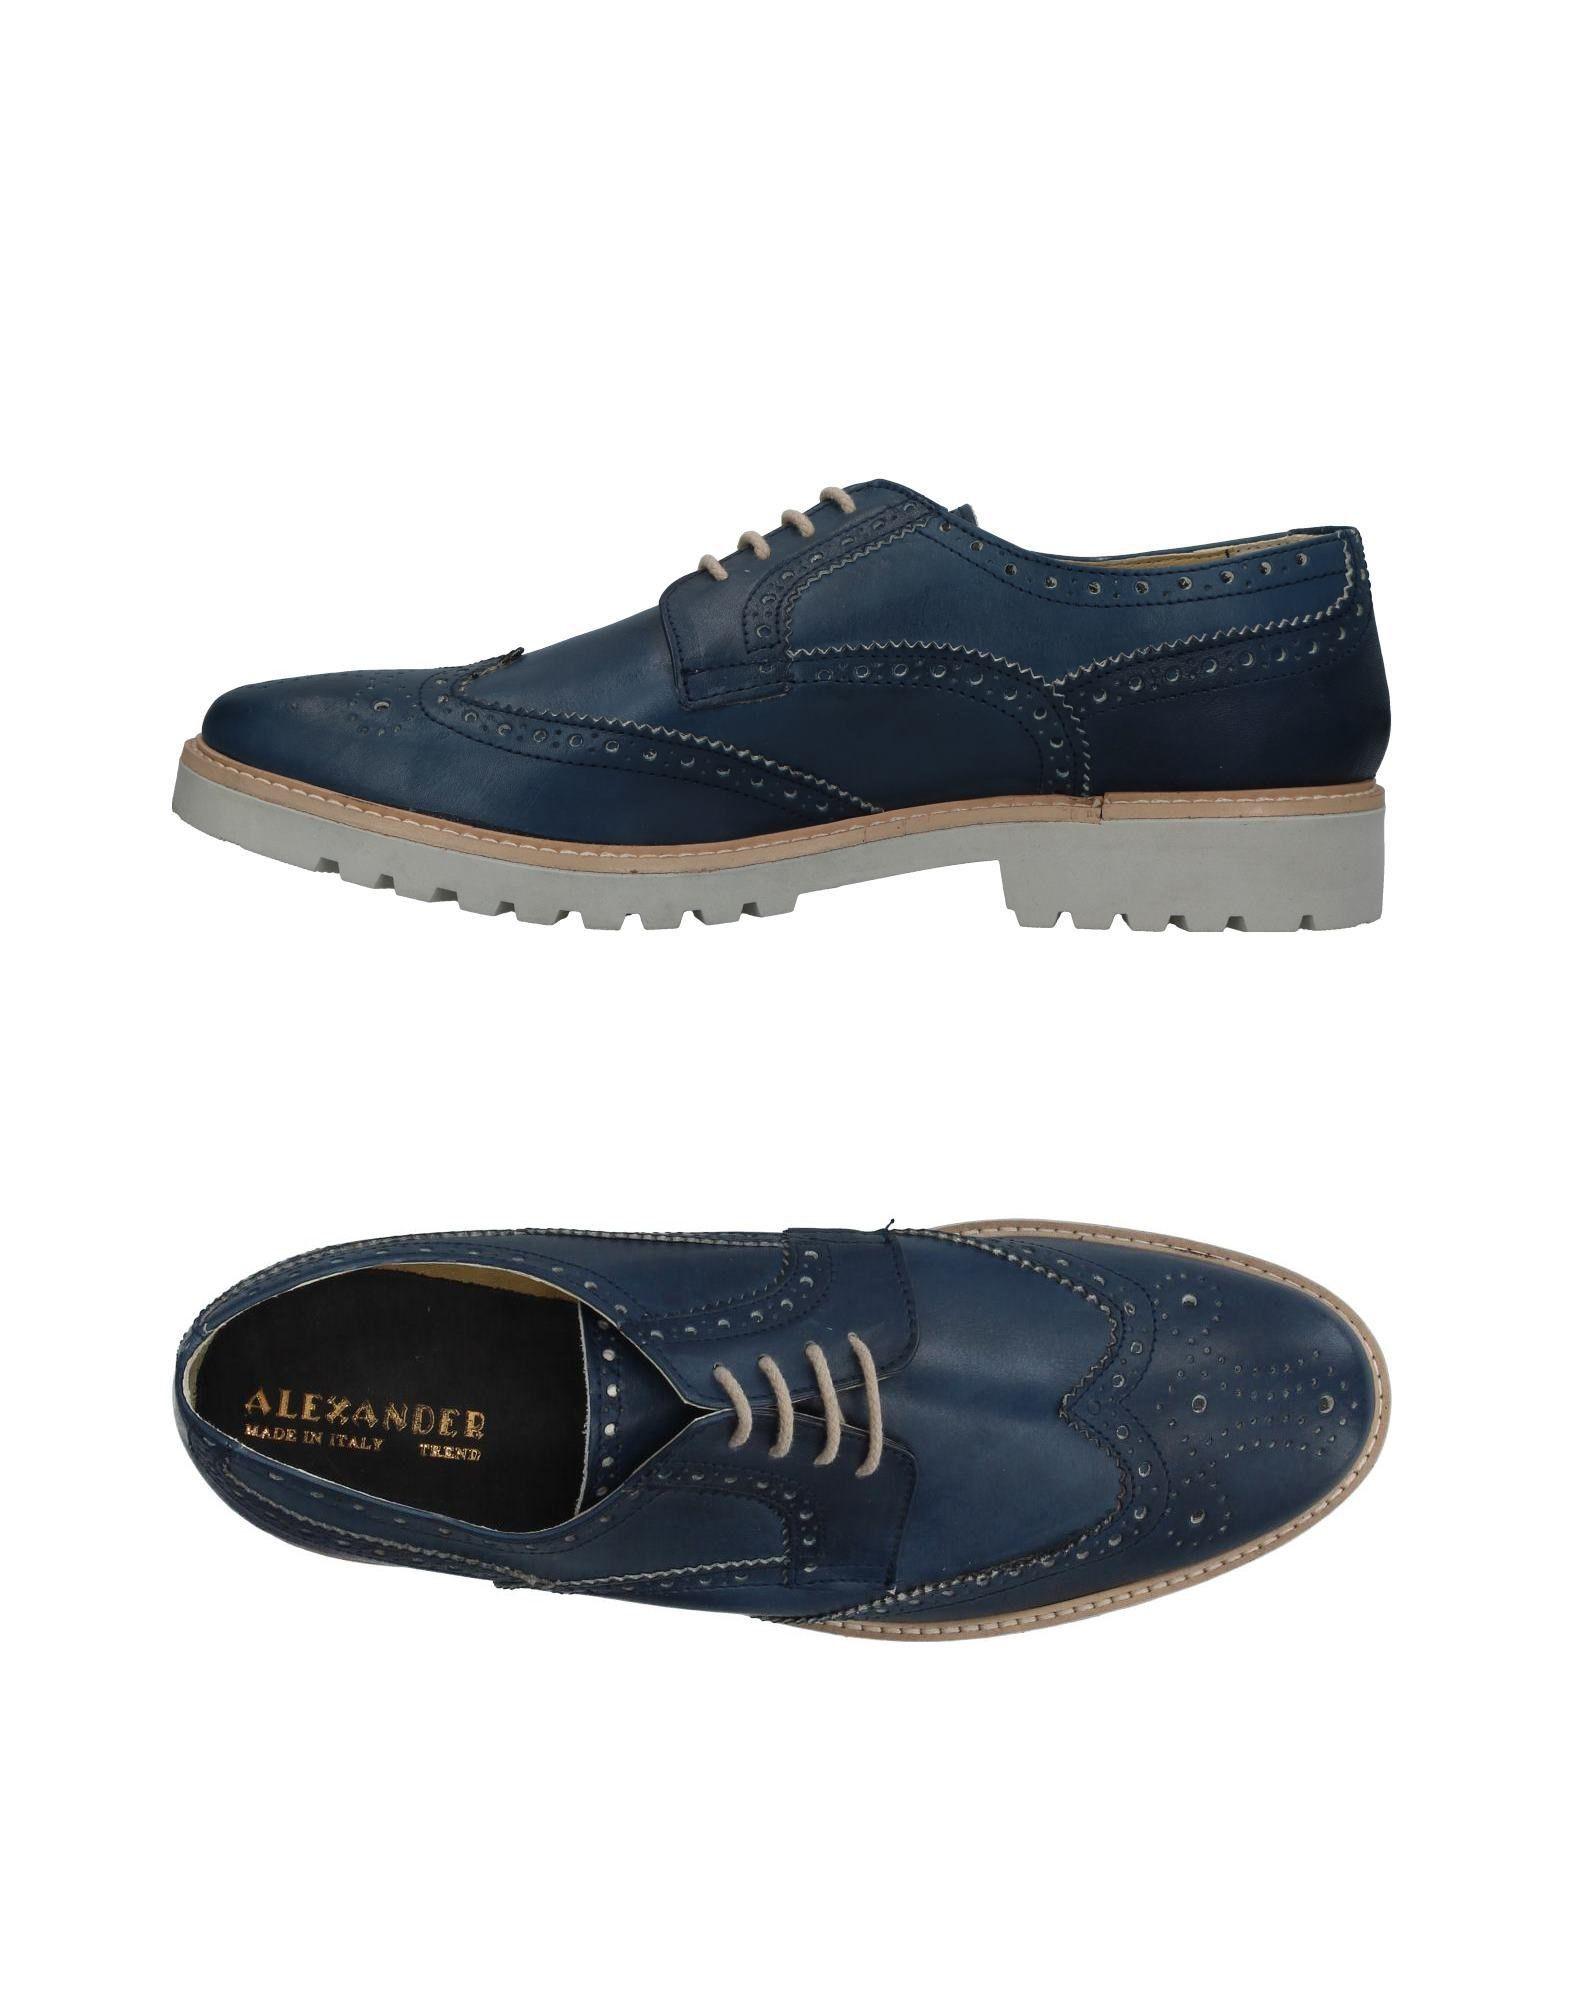 ALEXANDER TREND Обувь на шнурках цены онлайн